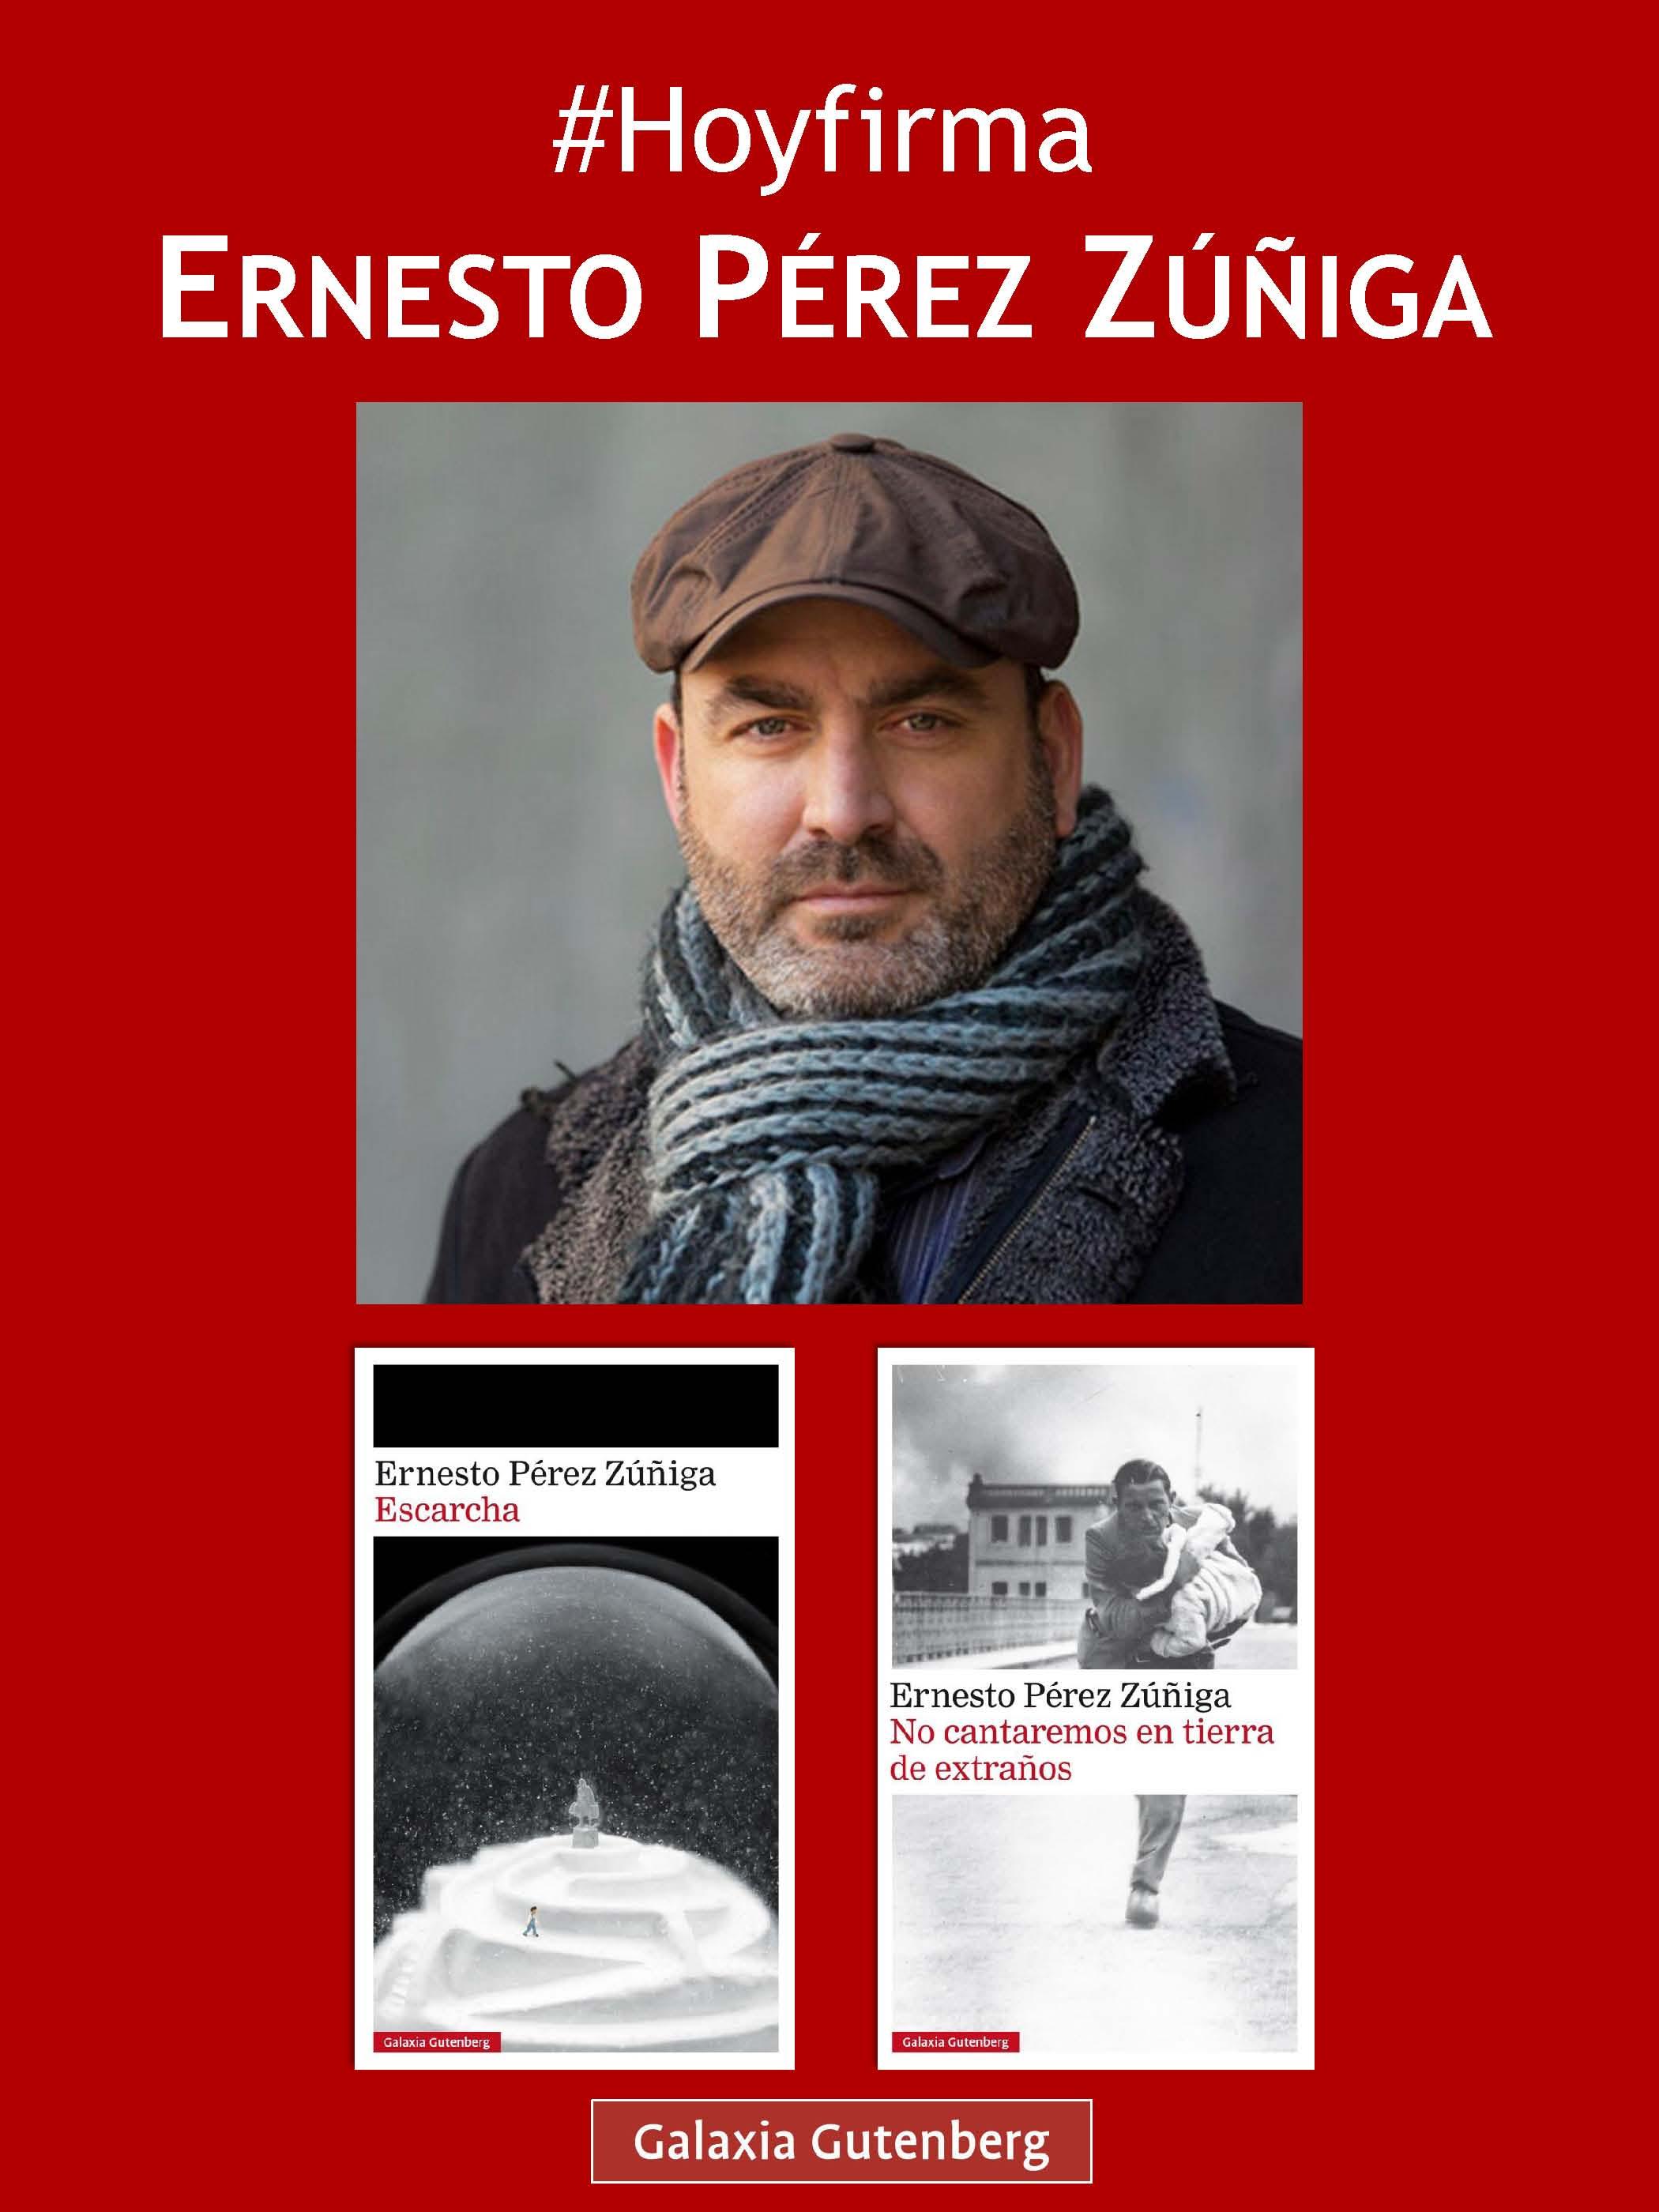 Hoyfirma Ernesto Pérez Zúñiga